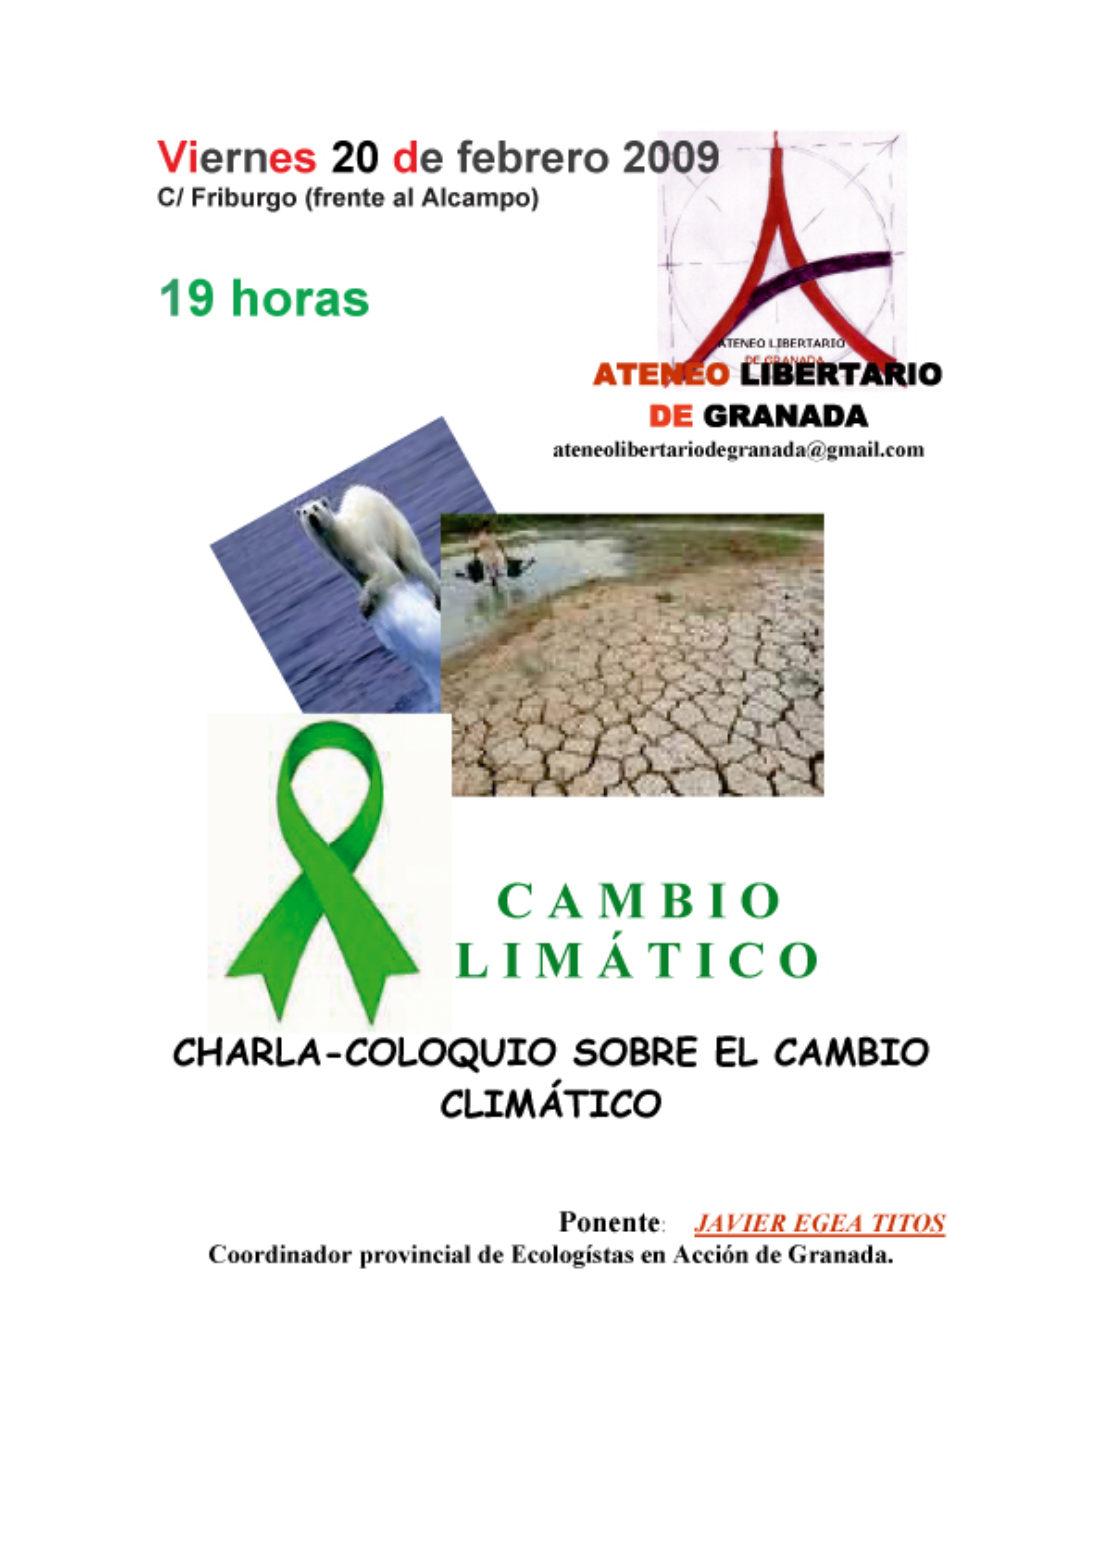 Ateneo Libertario de Granada: 20 de febrero, charla-coloquio sobre el cambio climático